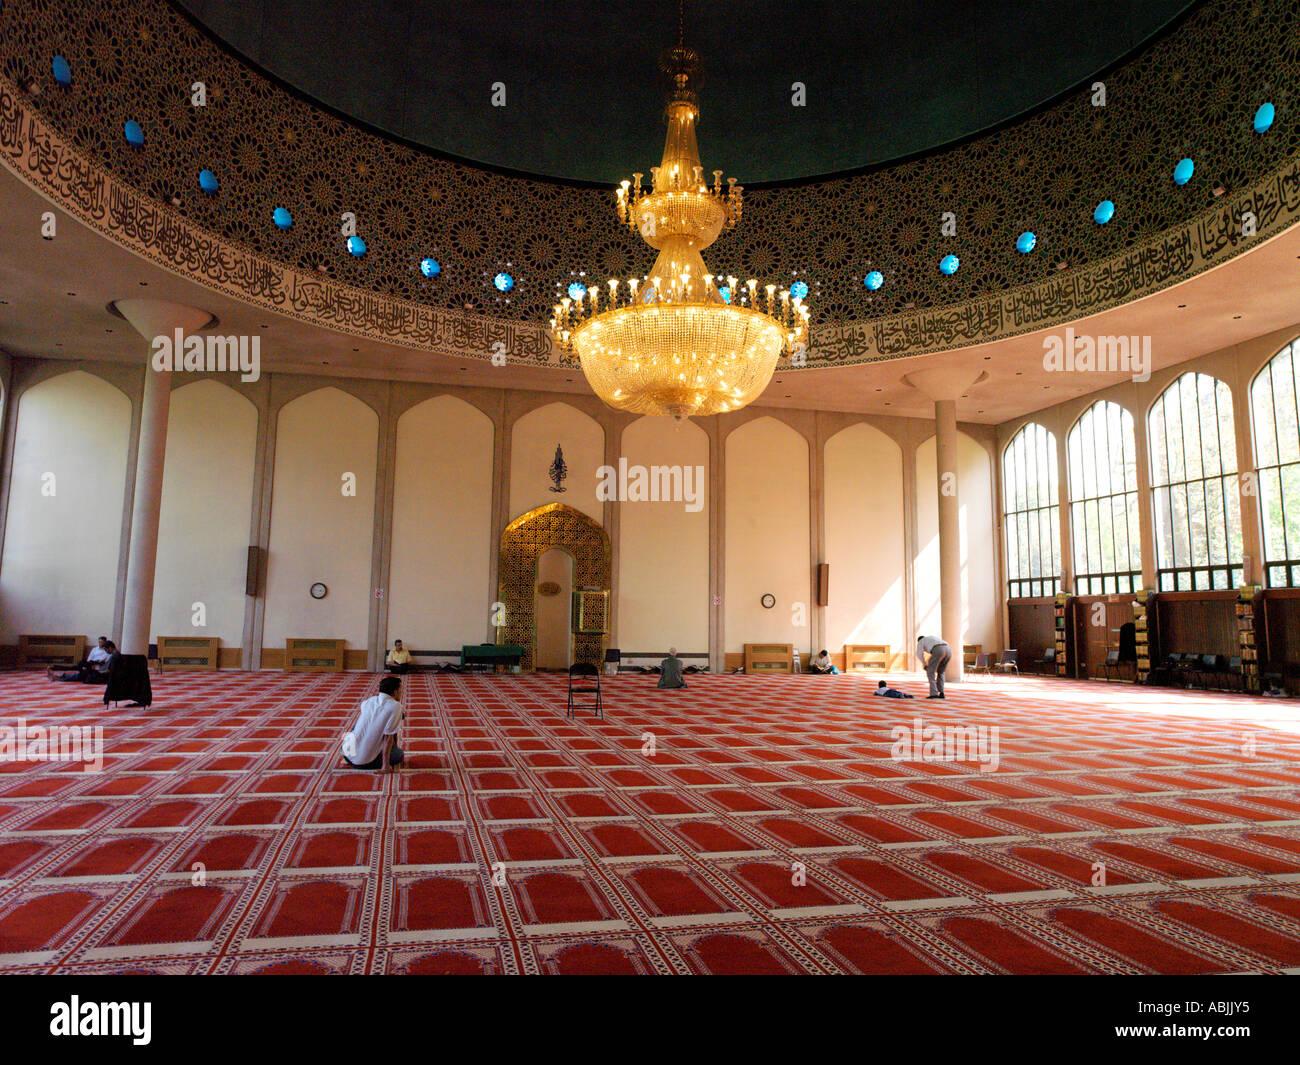 Regents Park London England London Central Mosque Stock Photo